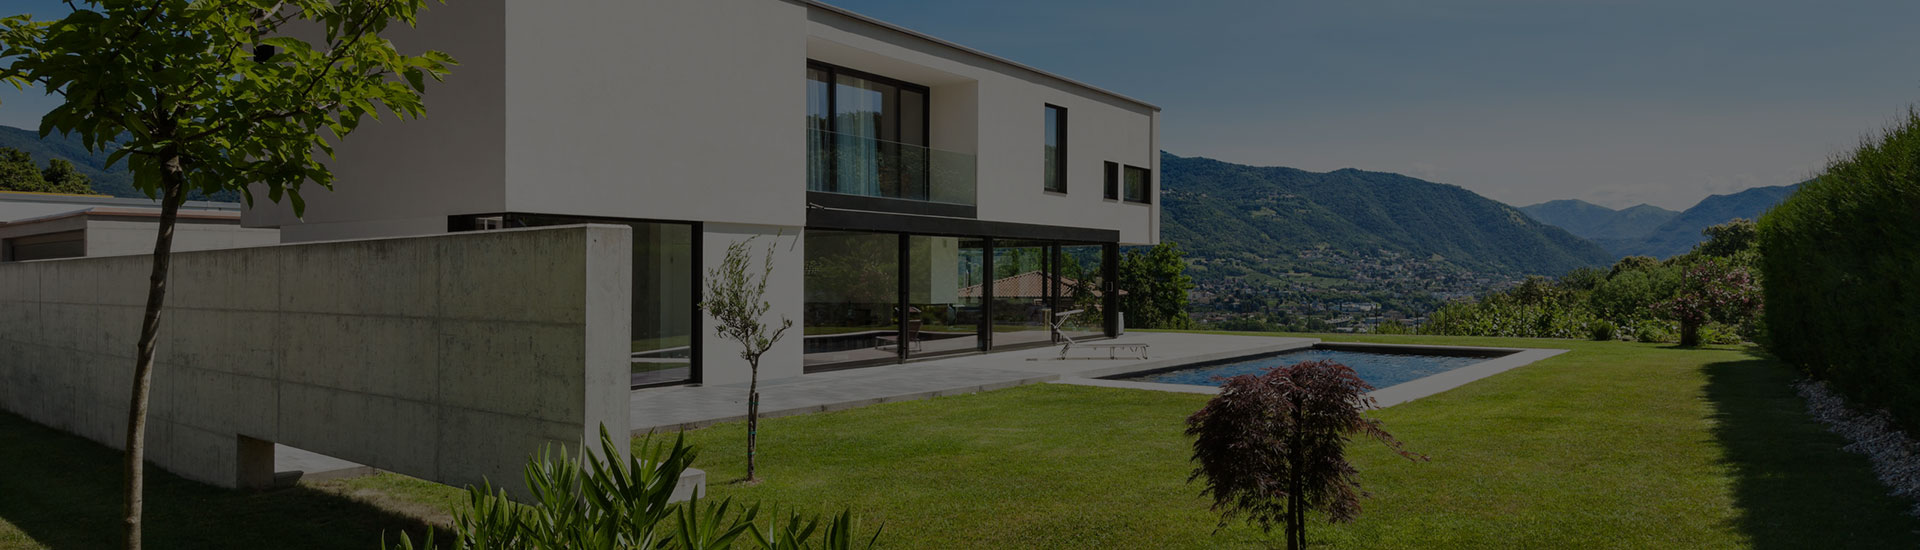 Prodej a pronájem bytů, domů a nemovitostí - MTM Real Service - Slide 1